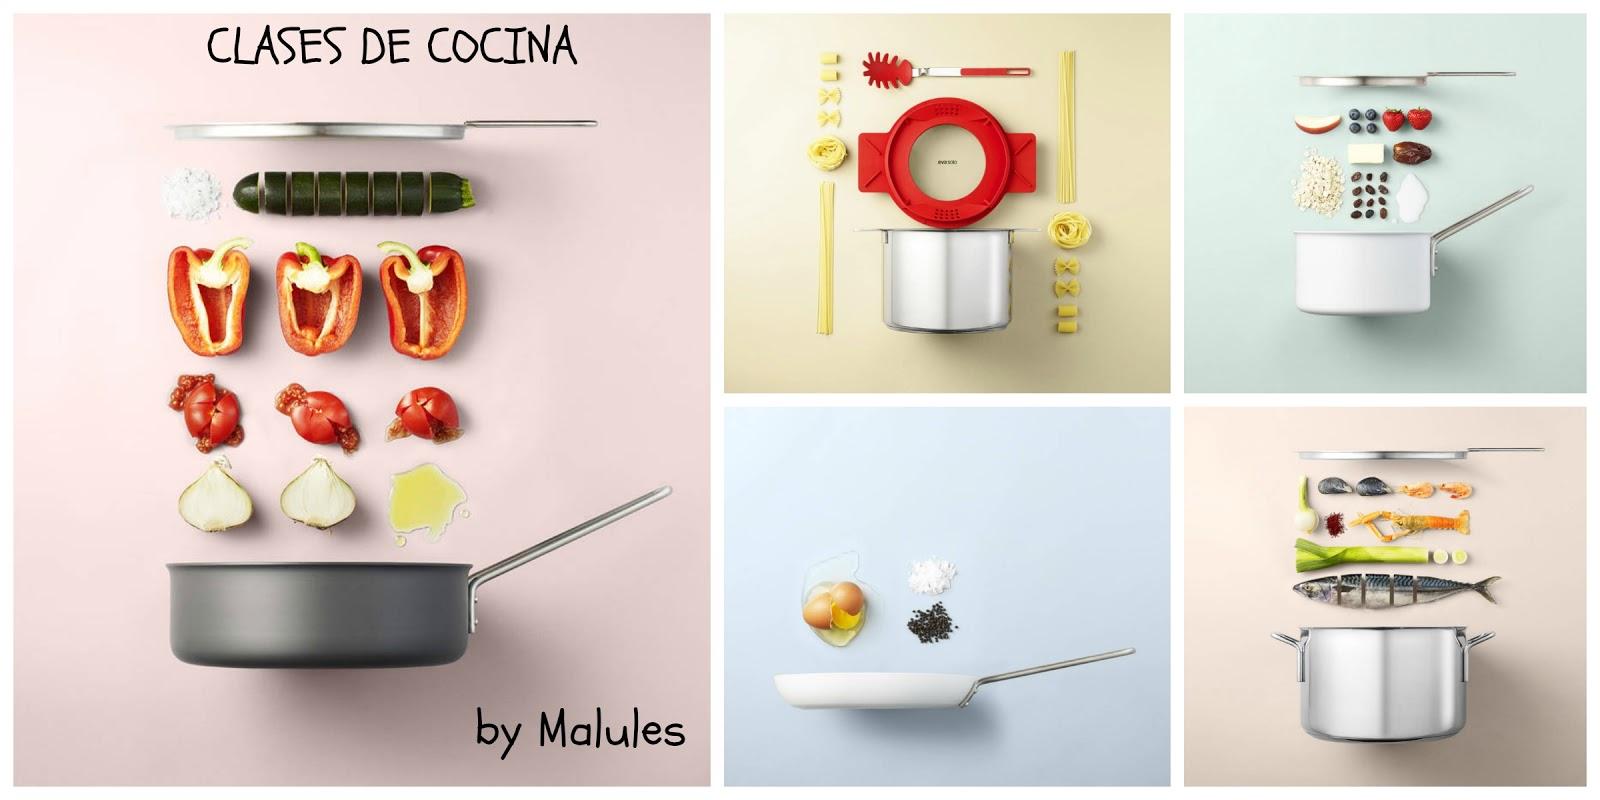 CLASES DE COCINA. 5 ESPECIAS | EL BLOG DE MALULES